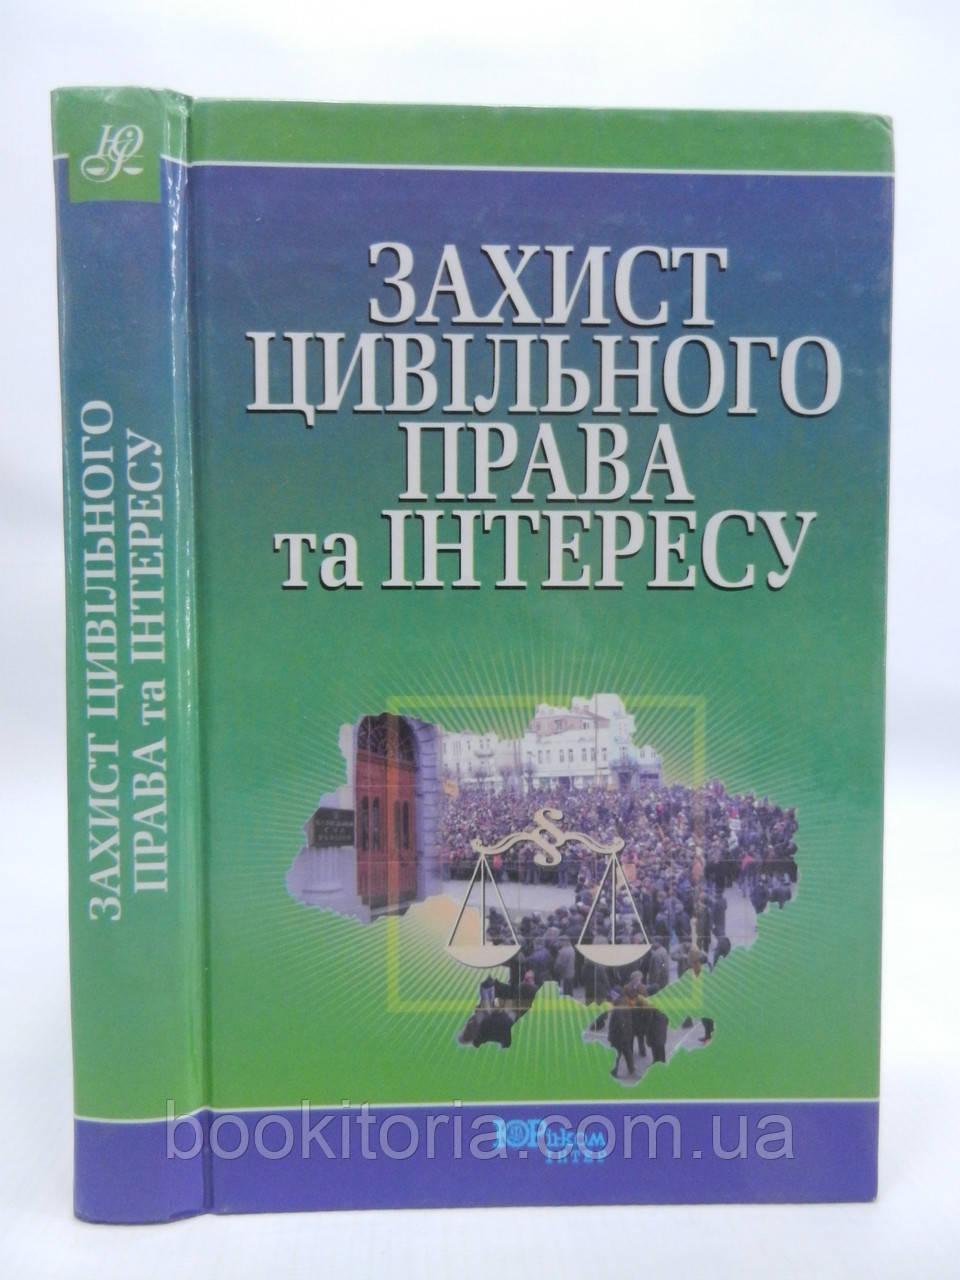 Буркацький Л.К. Захист цивільного права та інтересу (б/у).